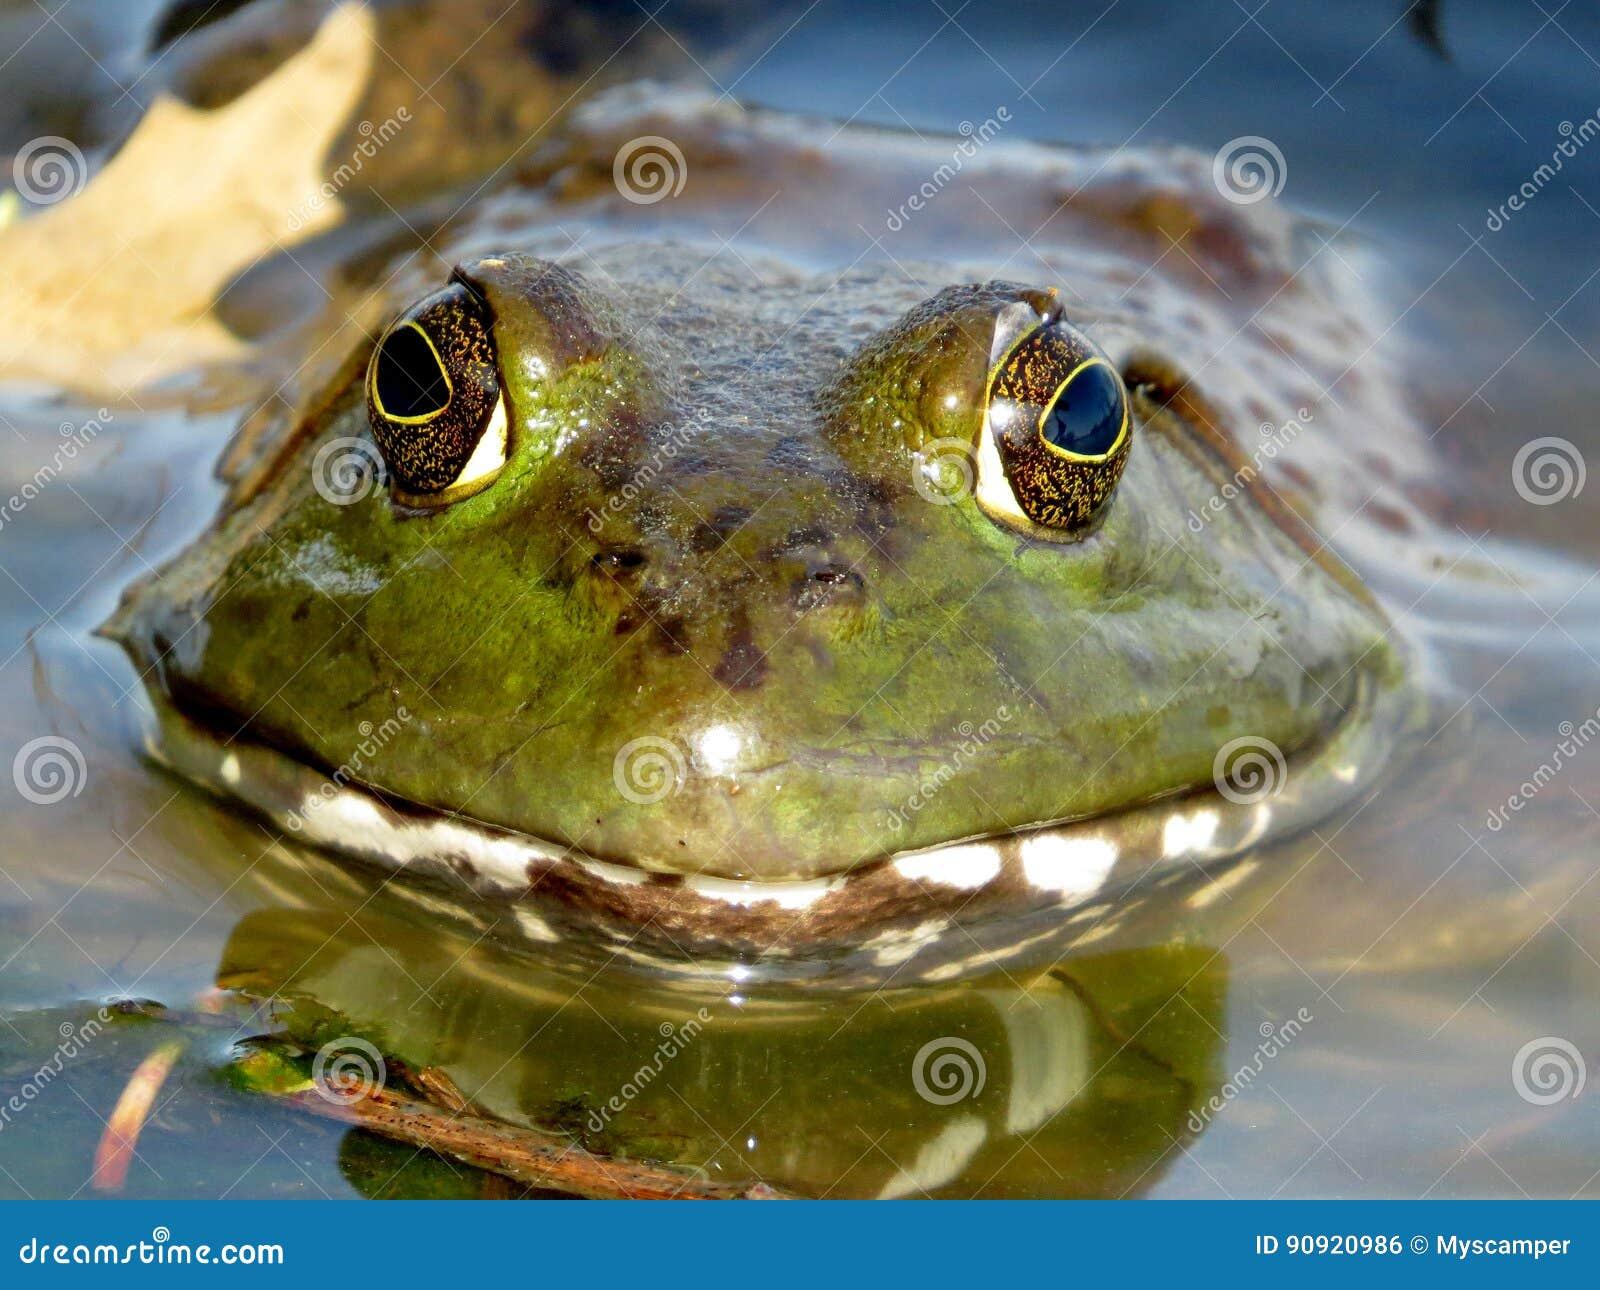 American Bullfrog Smiling